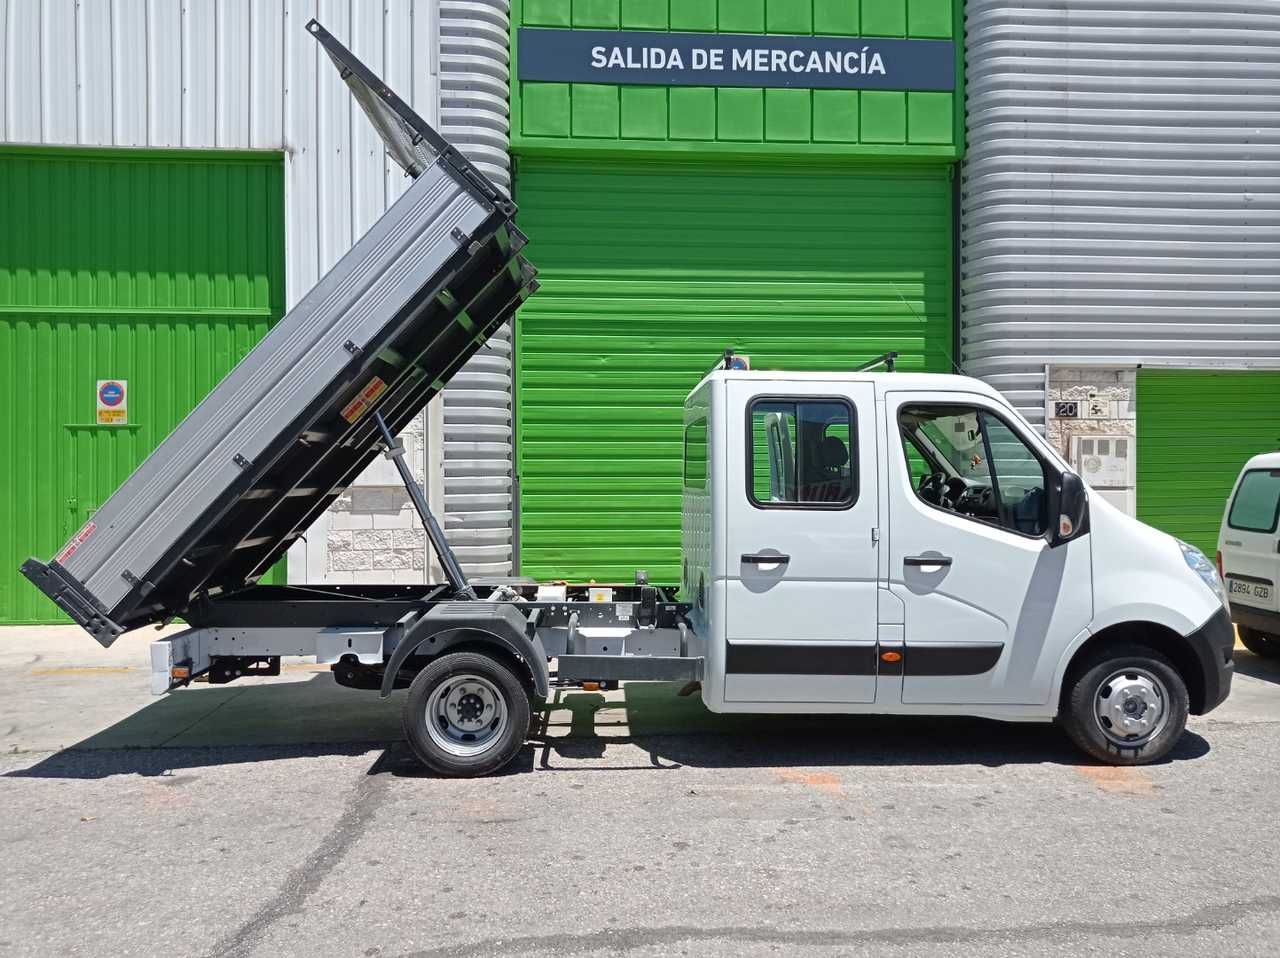 Renault Master Furgon 2.3 CDI DOBLE CABINA VOLQUETE RUEDA GEMELA CERTIFICADO DE KM Y CARROCERIA  - Foto 1